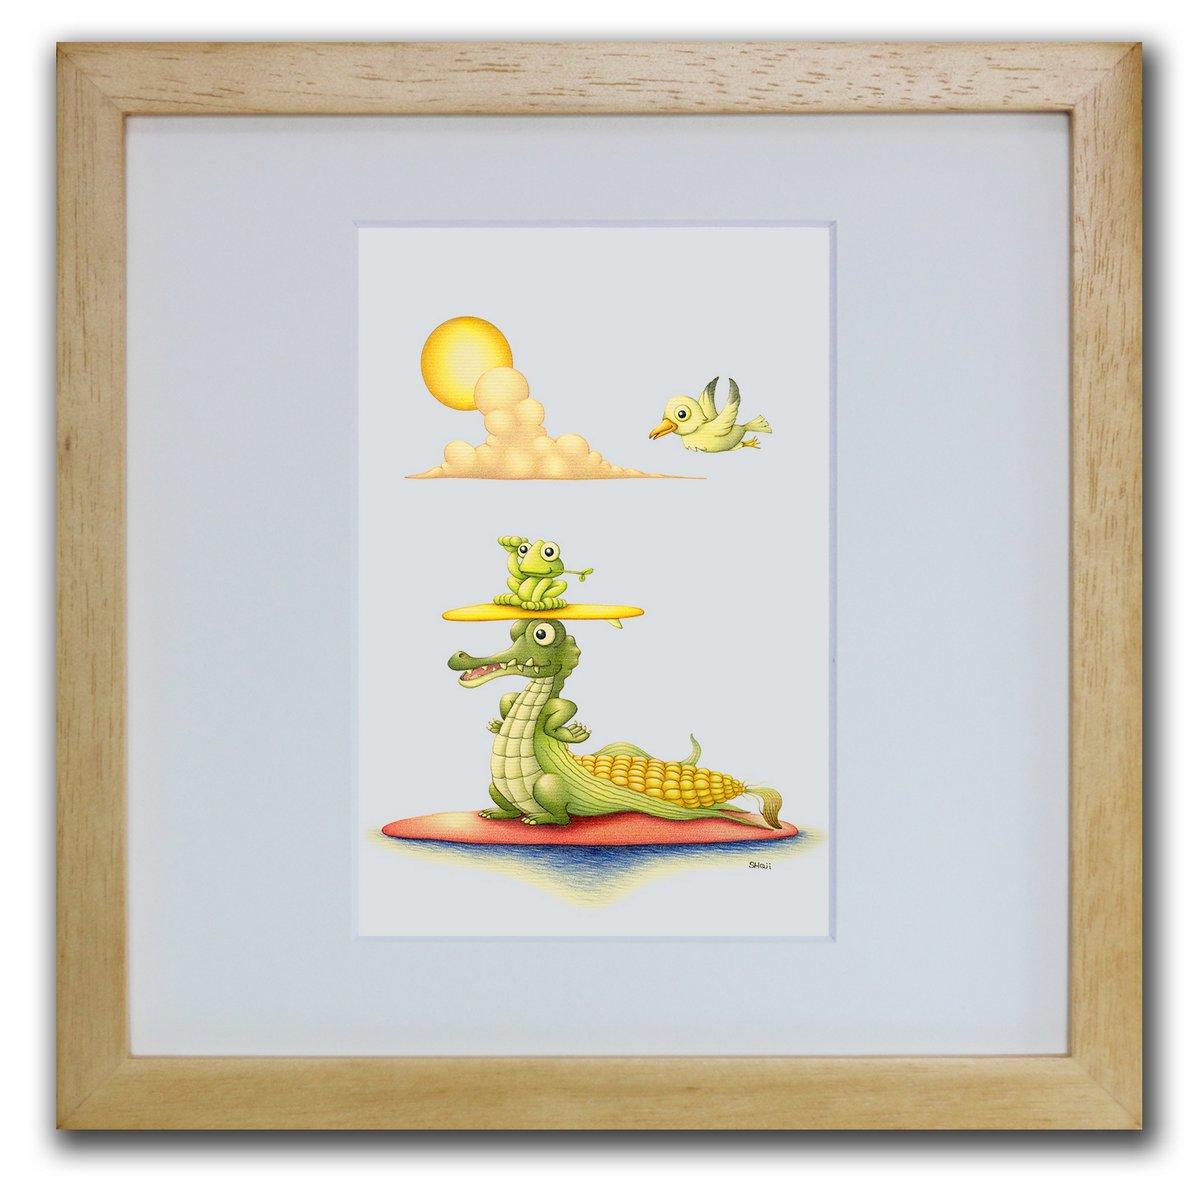 壁掛けアートは、リビングや玄関におすすめのインテリア。絵画といえばルノワール、ゴッホのひまわりといった名画が有名。かわいい壁飾りはお部屋を癒やしてくれそう。プレゼントにも 色鉛筆画・版画 ゆうパケット もろこし・ワニ SHOji/インテリア 壁掛け 額入り 額装込 風景画 油絵 ポスター アート アートパネル リビング 玄関 プレゼント モダン アートフレーム おしゃれ 飾る Sサイズ 巣ごもり